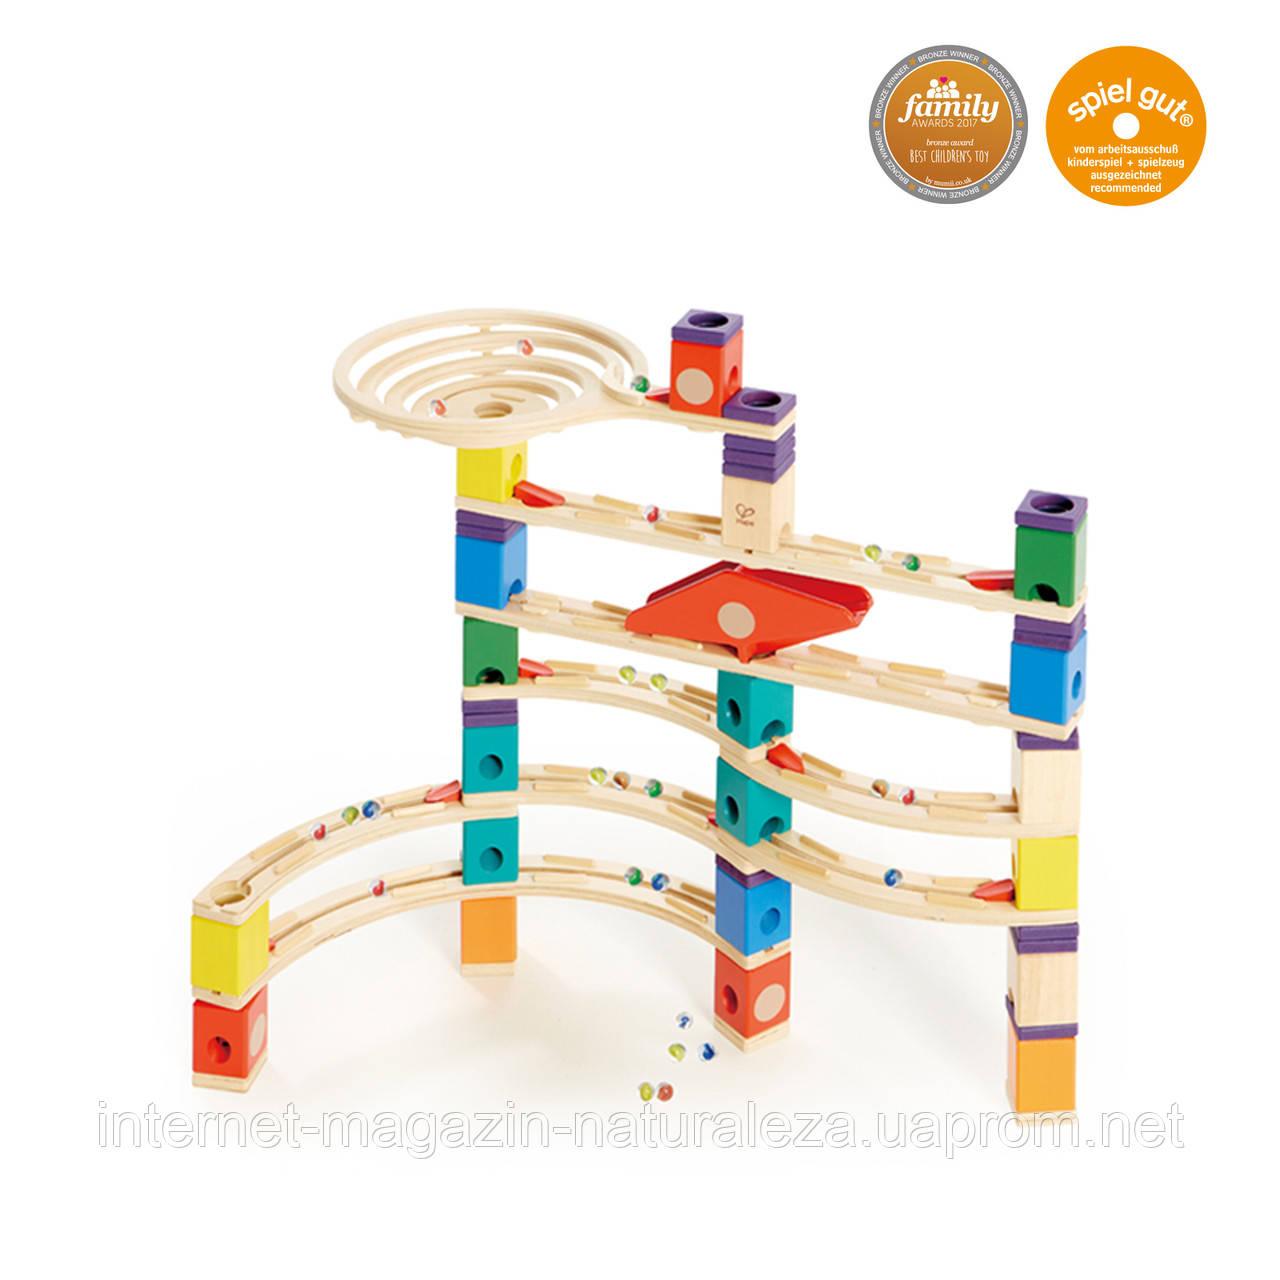 Деревянная головоломка балансир Hape Xcellerator серия Quadrilla